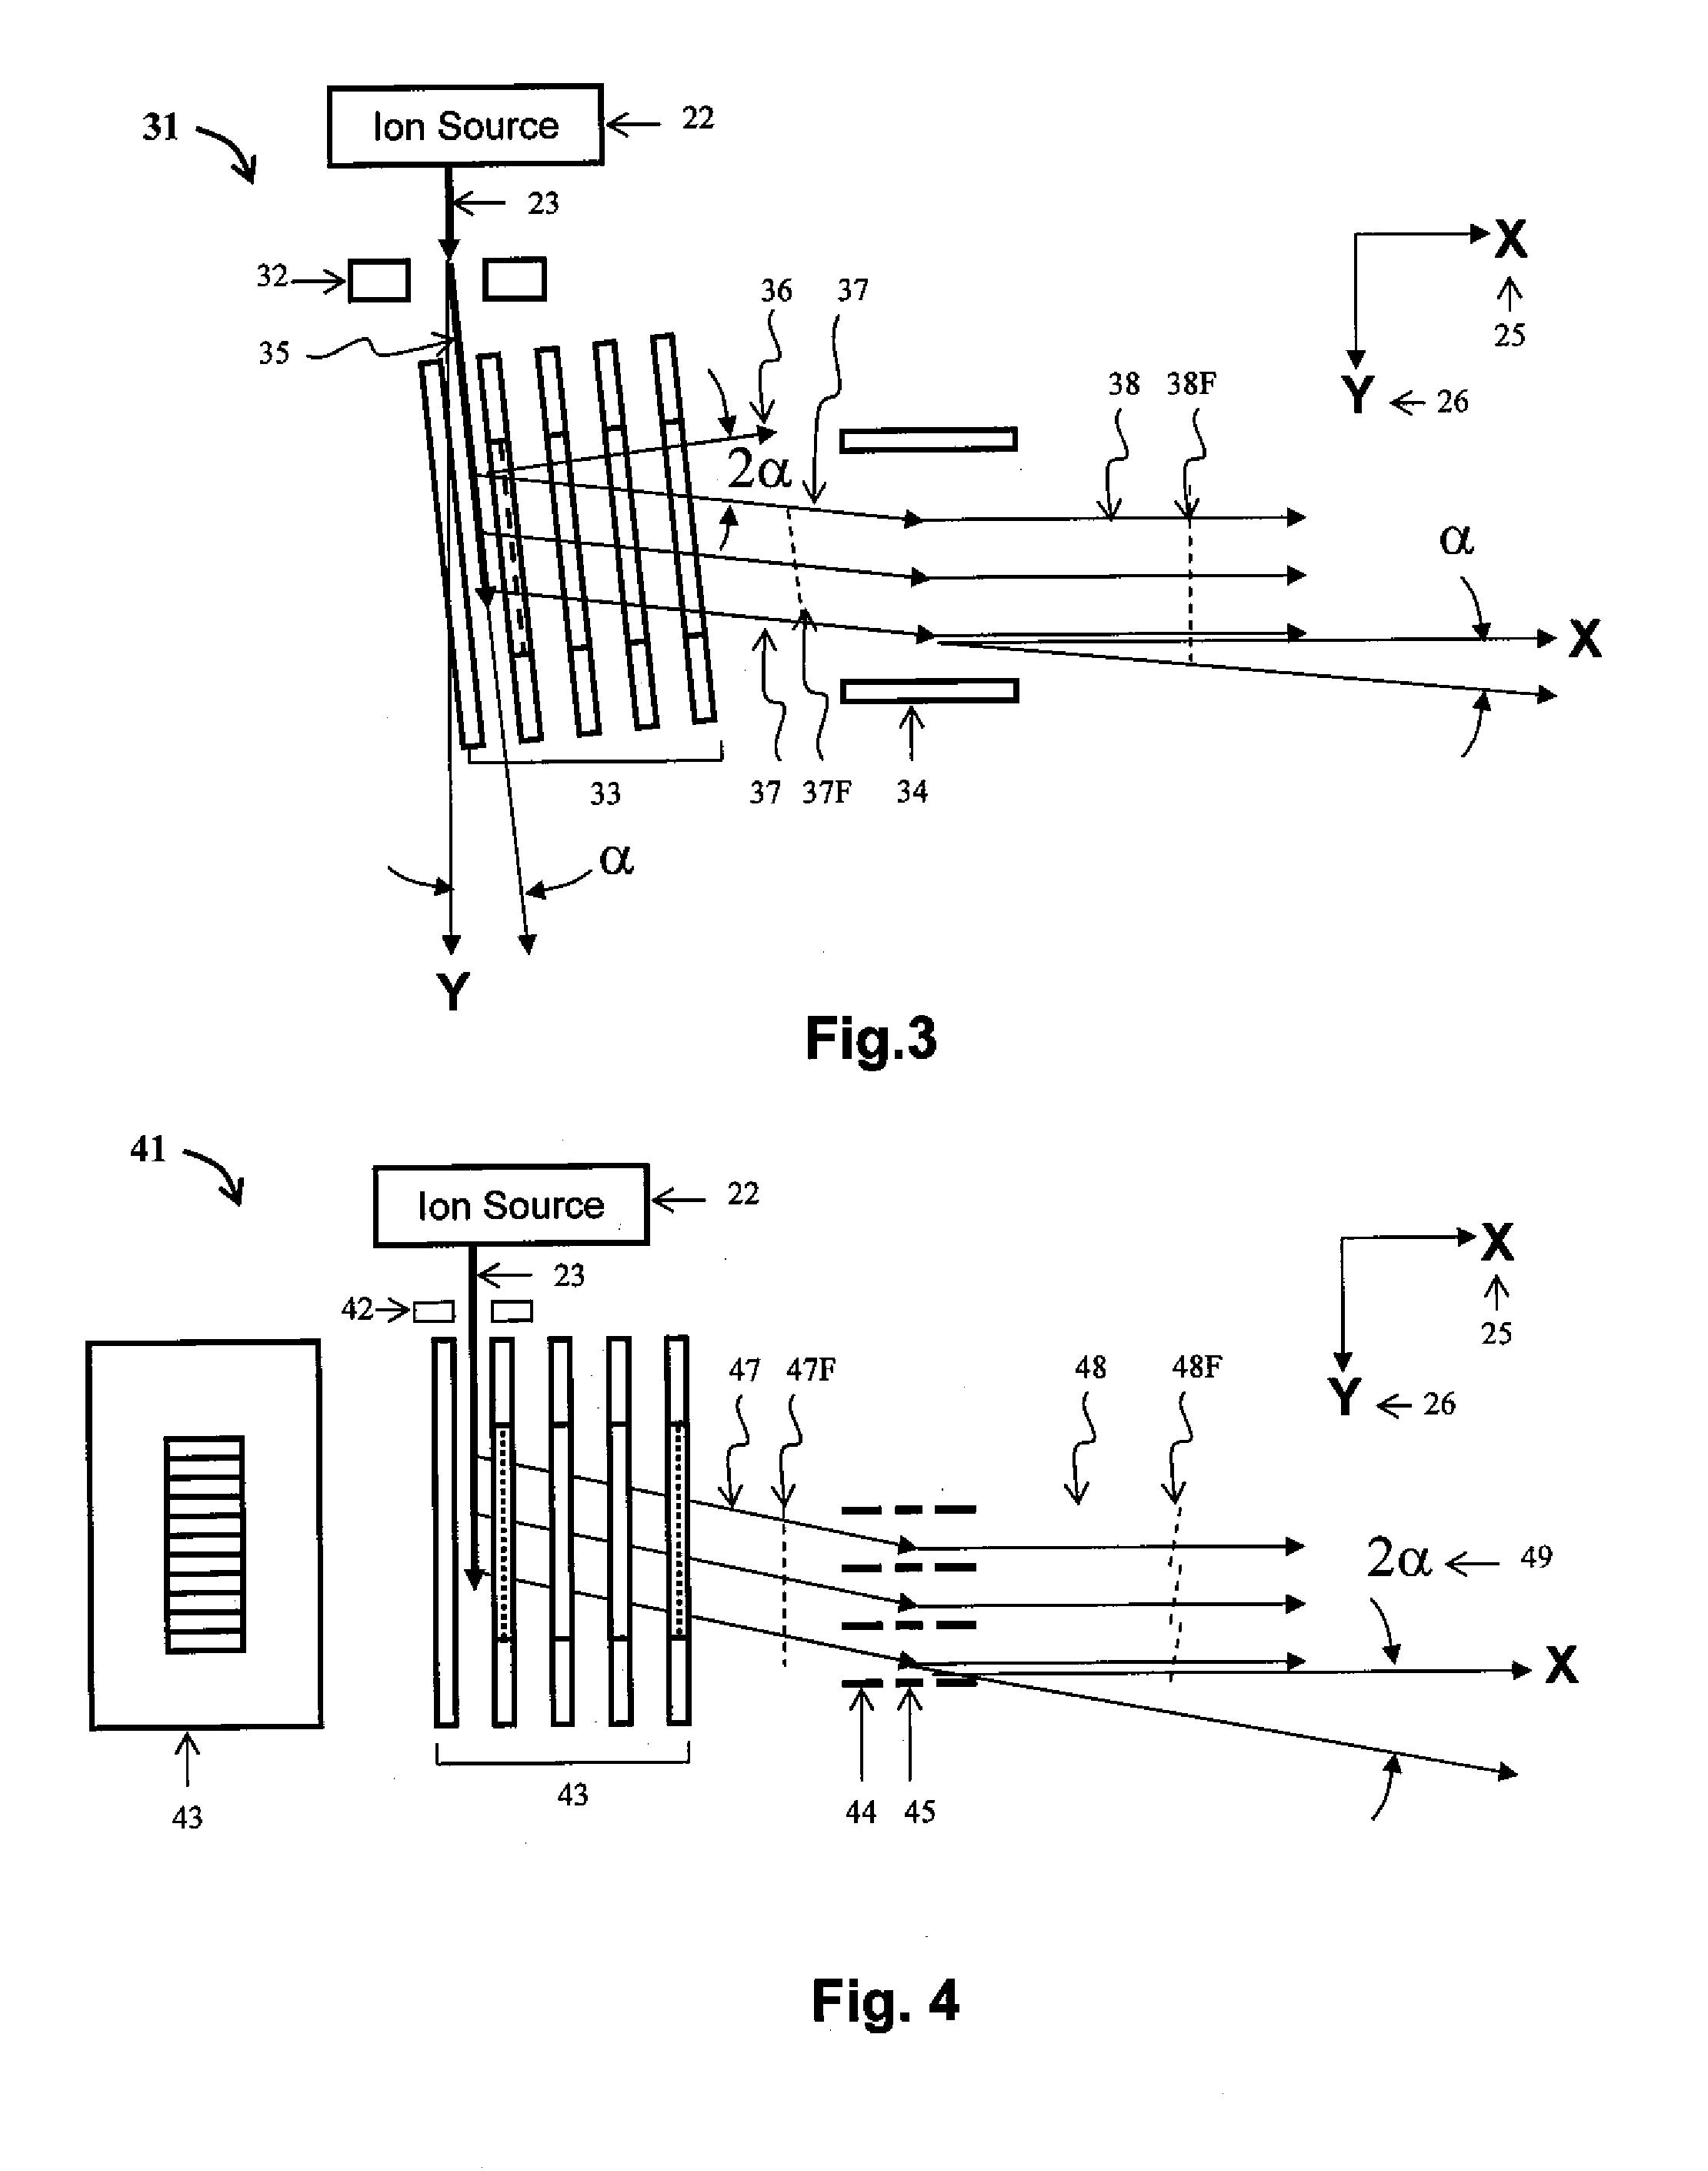 Passtime Wiring Diagram | Manual E-Books - Passtime Gps Wiring Diagram